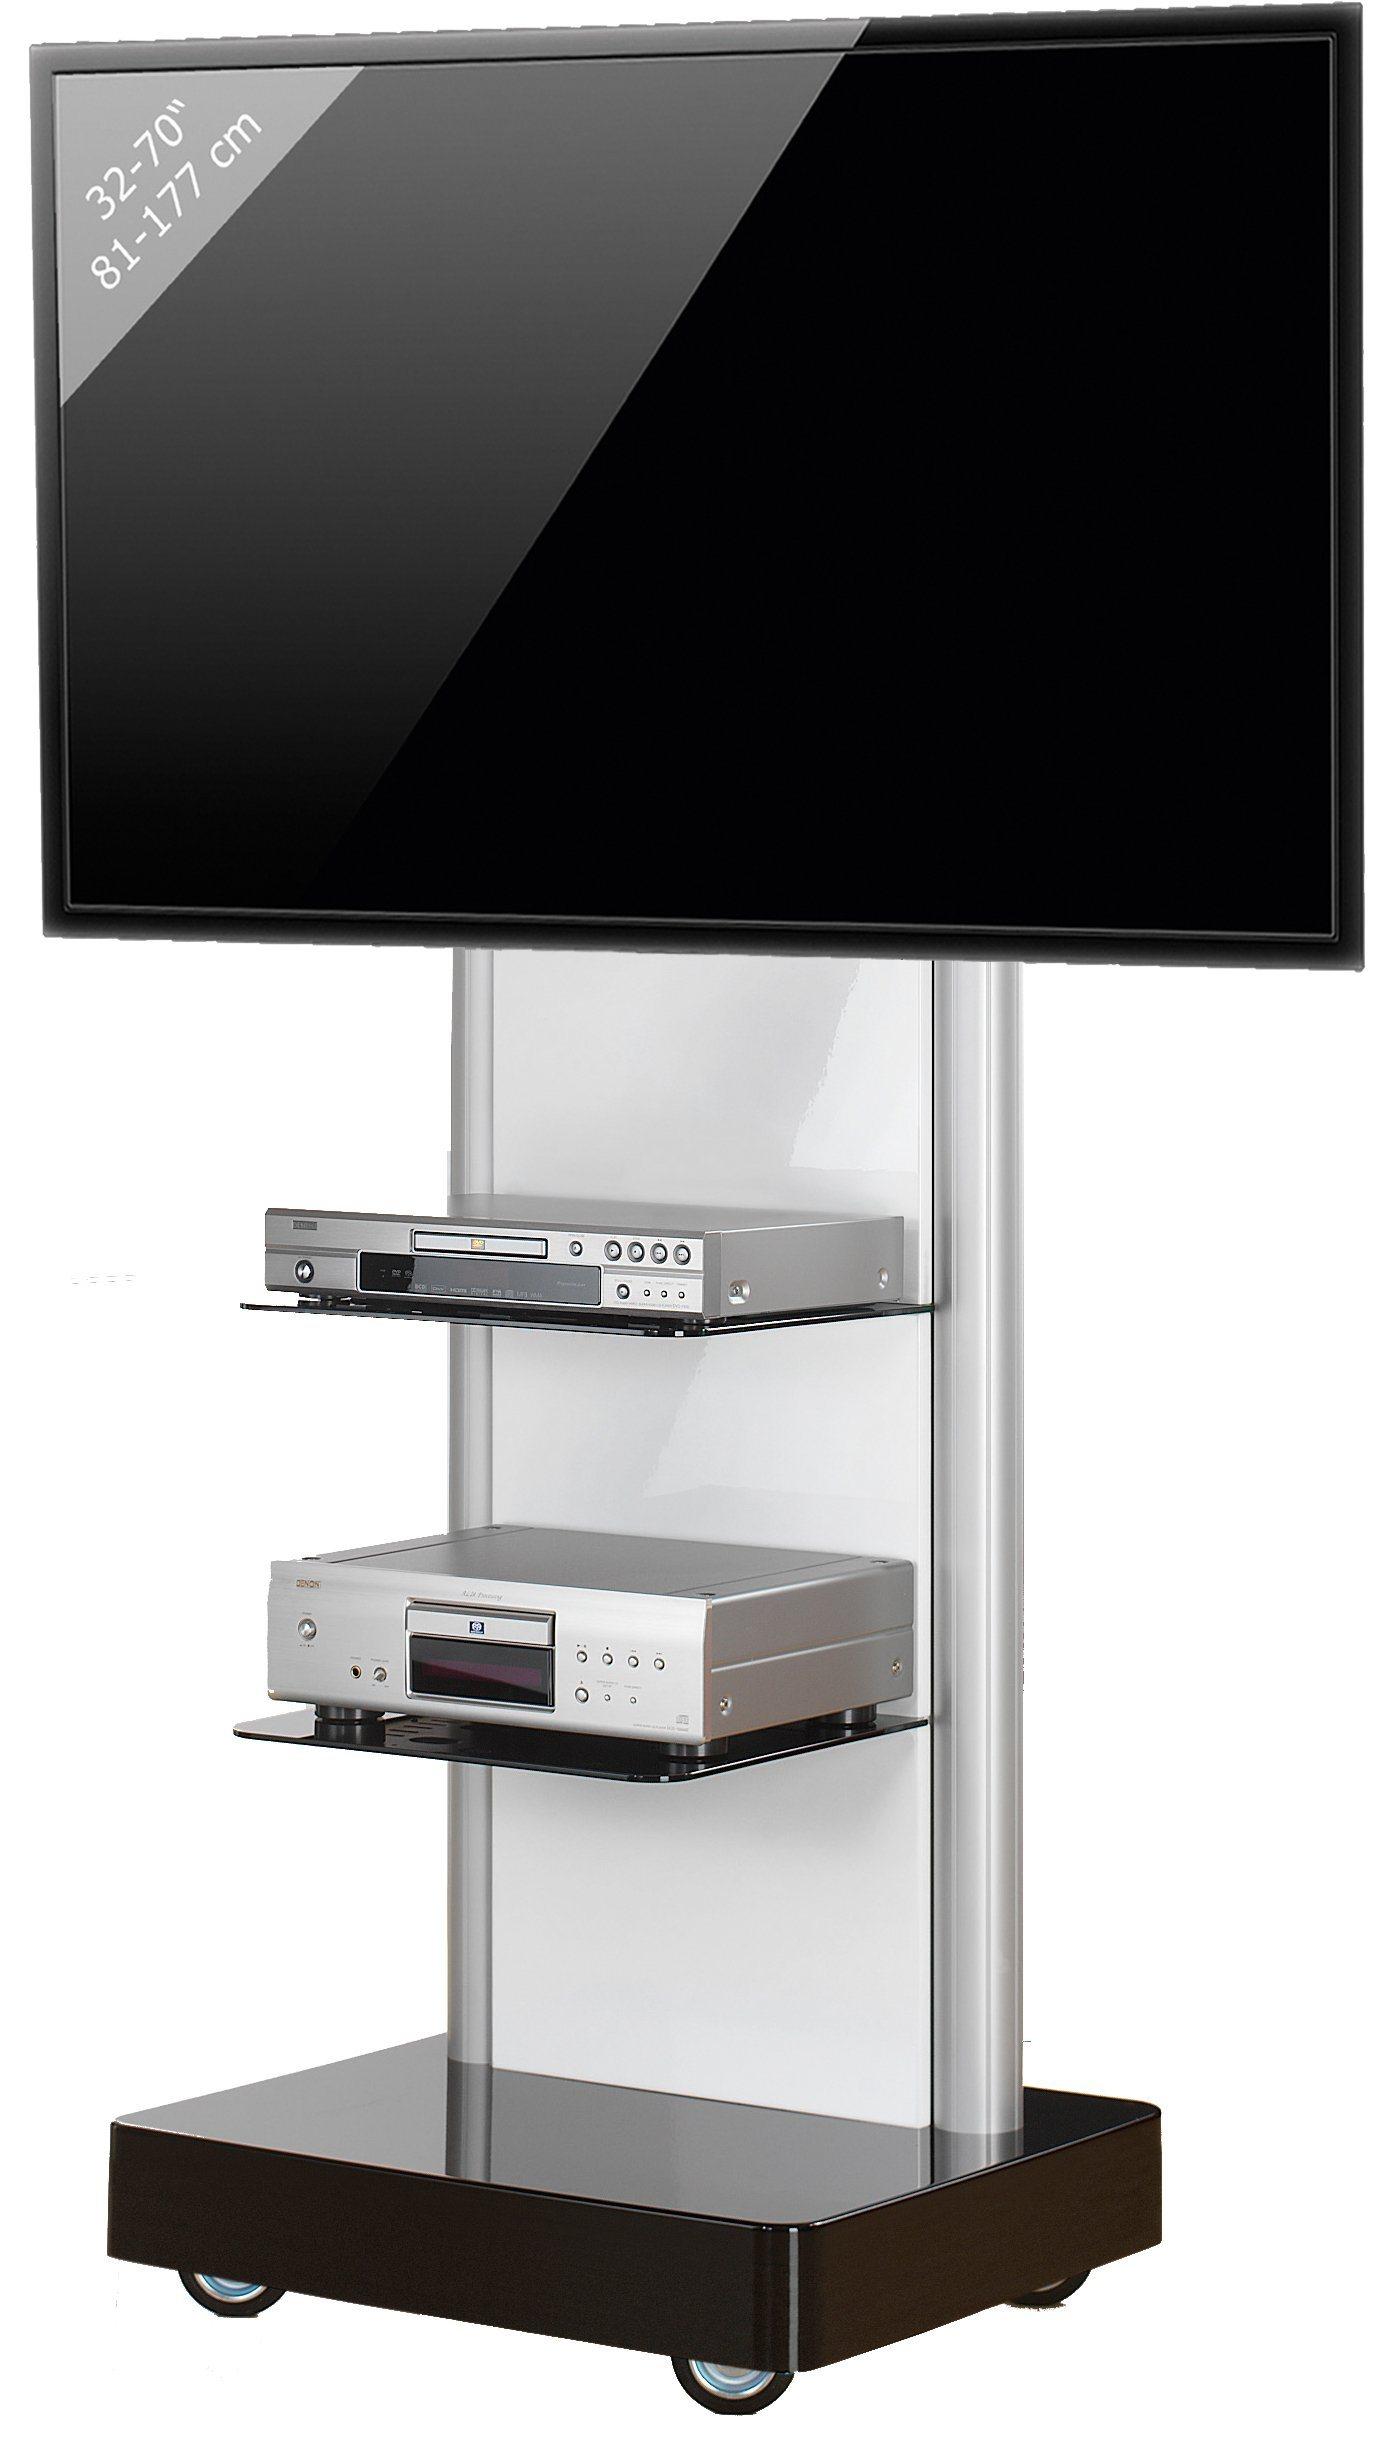 VCM TV-Standfuß ´´ProStand´´ | Wohnzimmer > TV-HiFi-Möbel > Ständer & Standfüße | Melamin - Aluminium - Holzwerkstoff | VCM